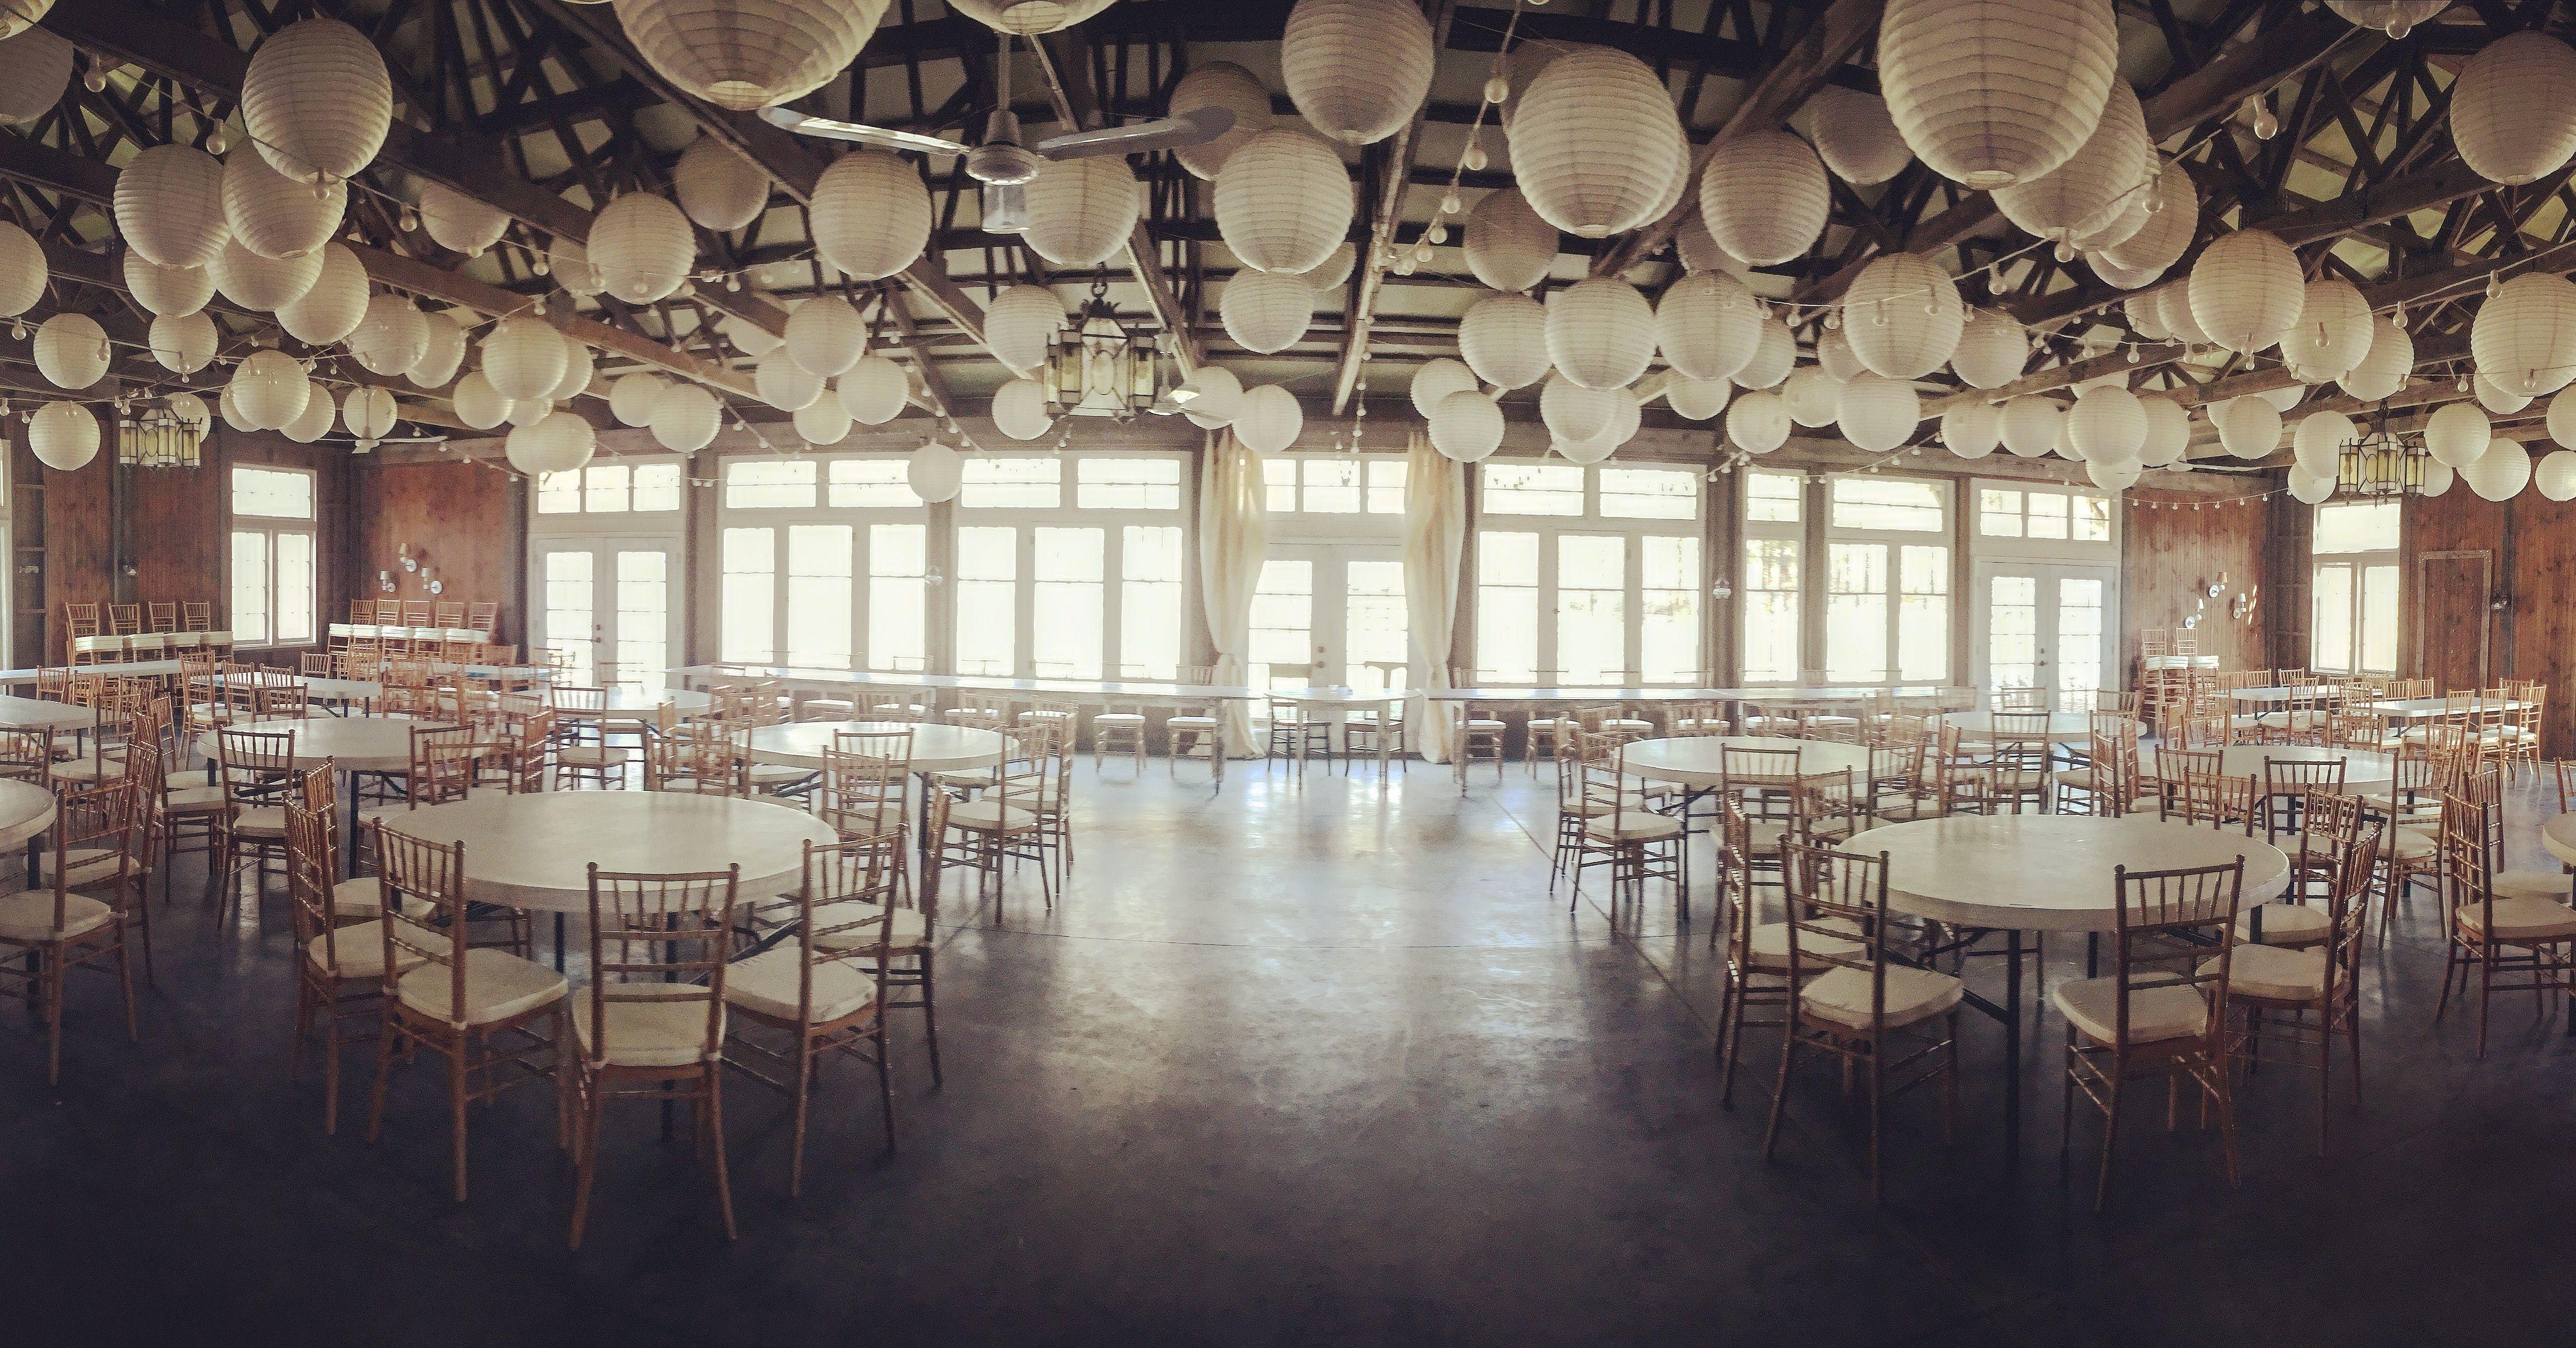 Michigan wedding barn w a touch of elegance. Rustic barn ...